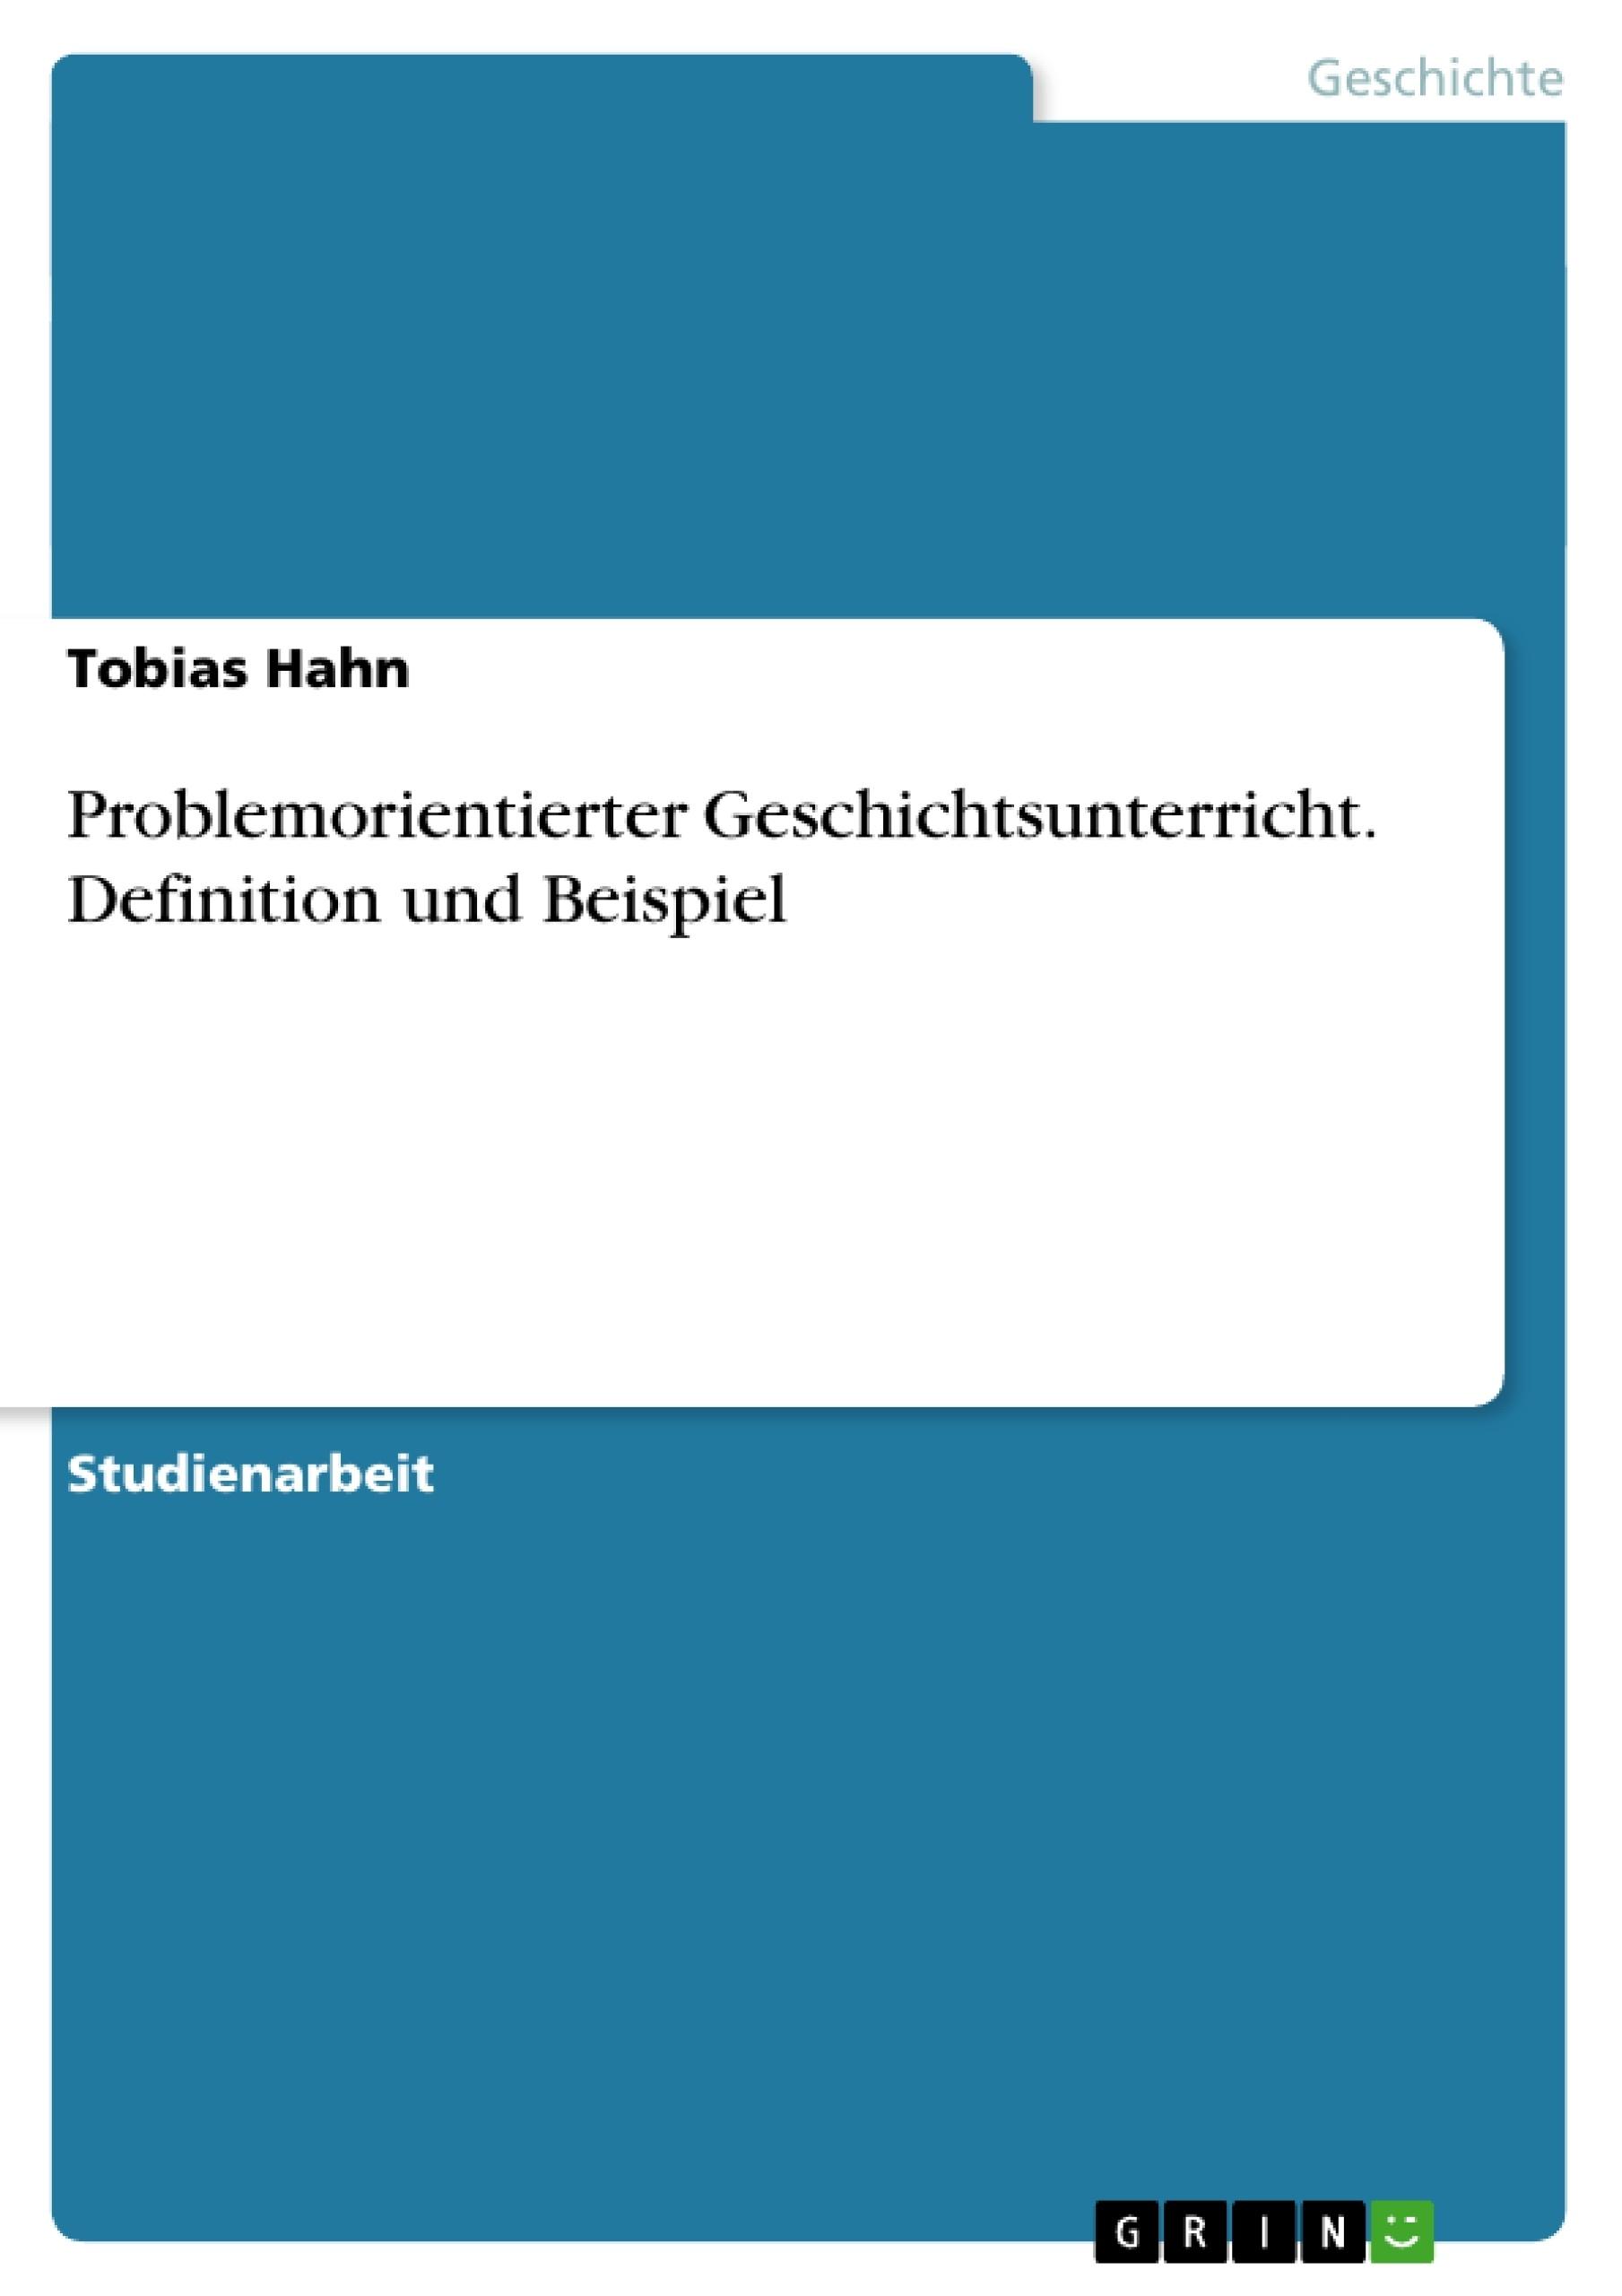 Titel: Problemorientierter Geschichtsunterricht. Definition und Beispiel